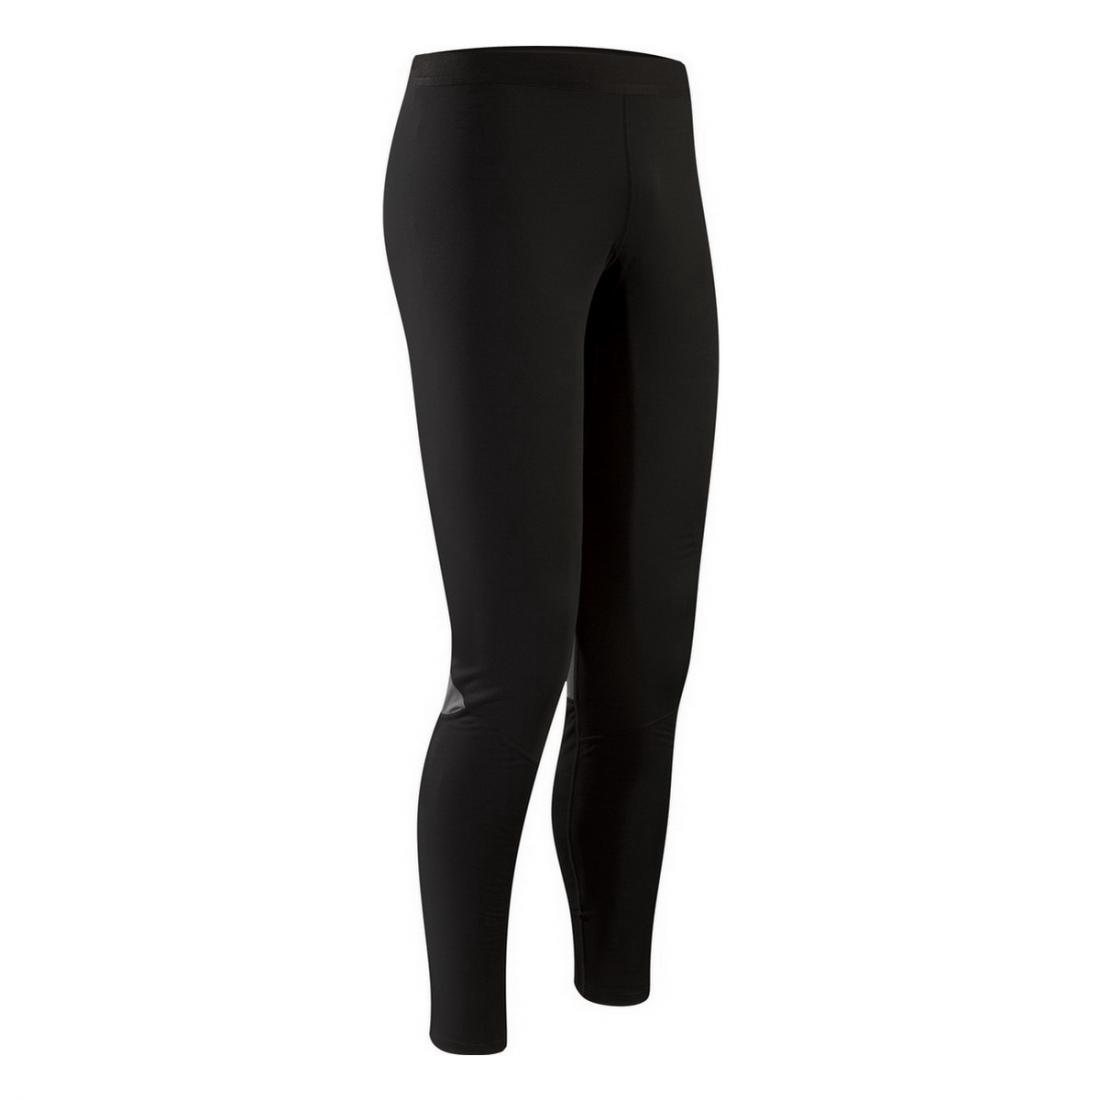 Термобелье брюки Phase AR Bottom муж.Брюки<br>Термобрюки Phase AR Bottom от канадской компании Arcteryx предназначены для мужчин, которые предпочитают высокогорный туризм, активный зимний отдых...<br><br>Цвет: Черный<br>Размер: M